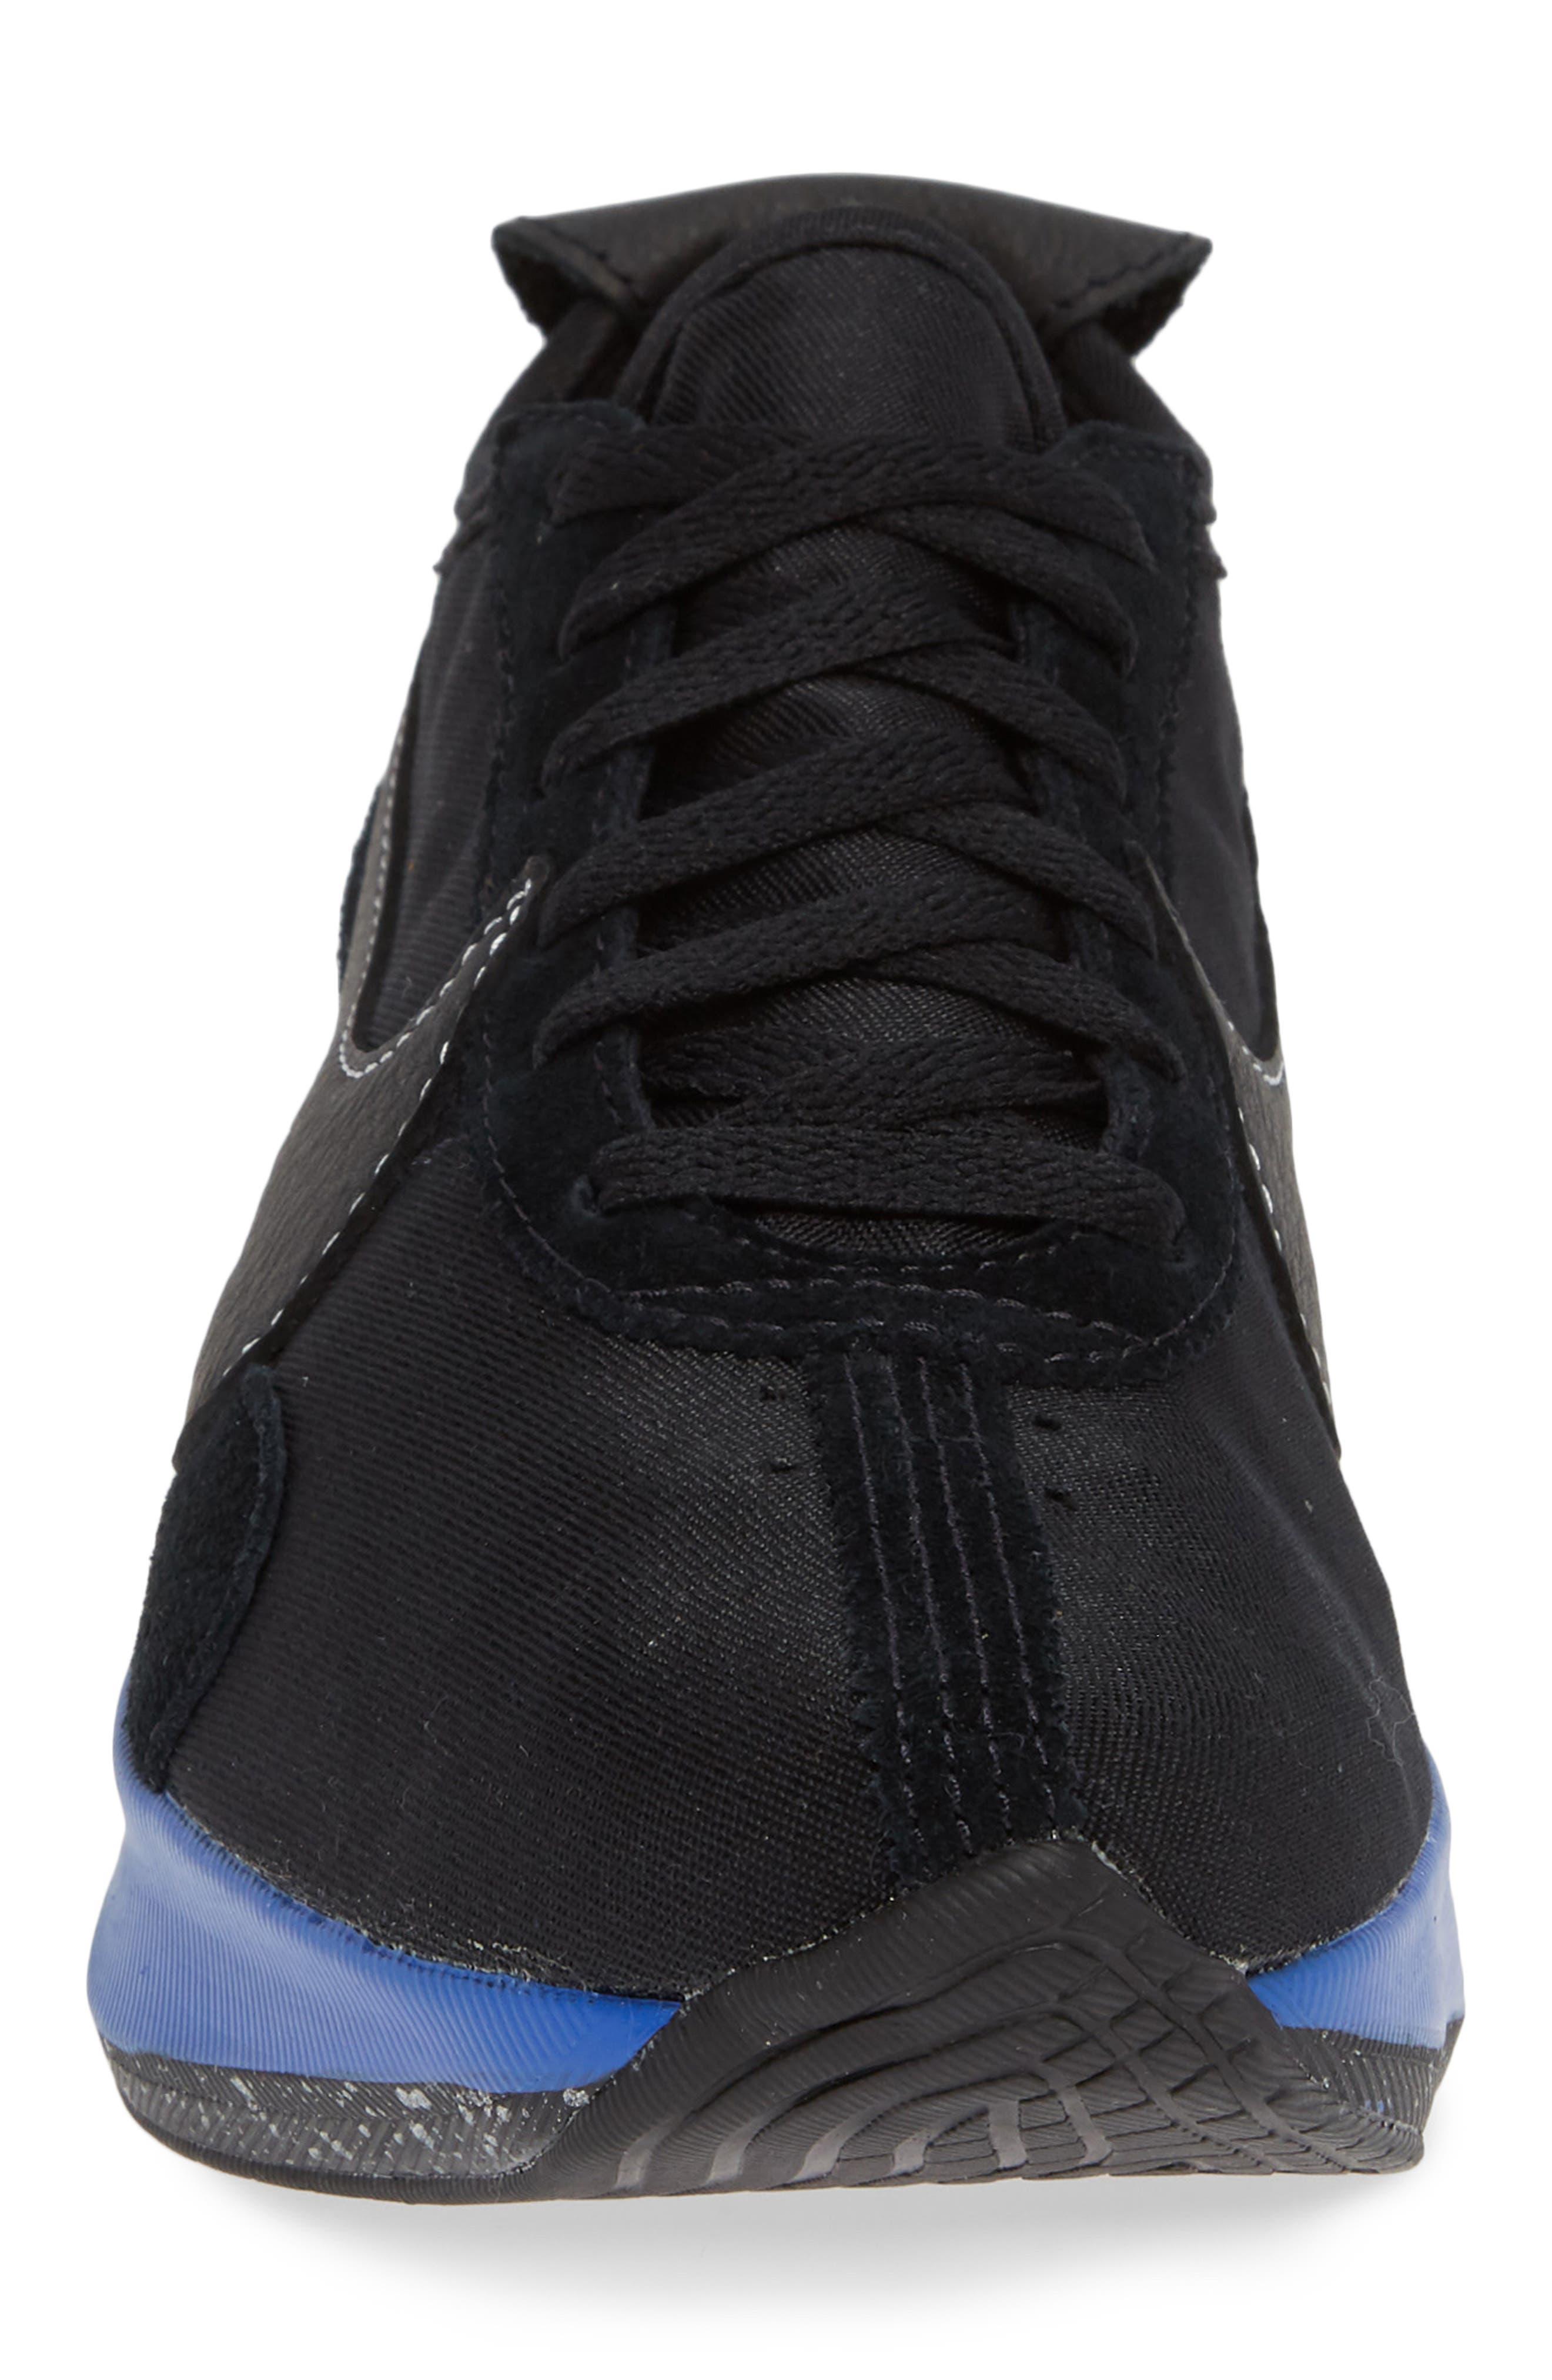 NIKE,                             Moon Racer QS Sneaker,                             Alternate thumbnail 4, color,                             001